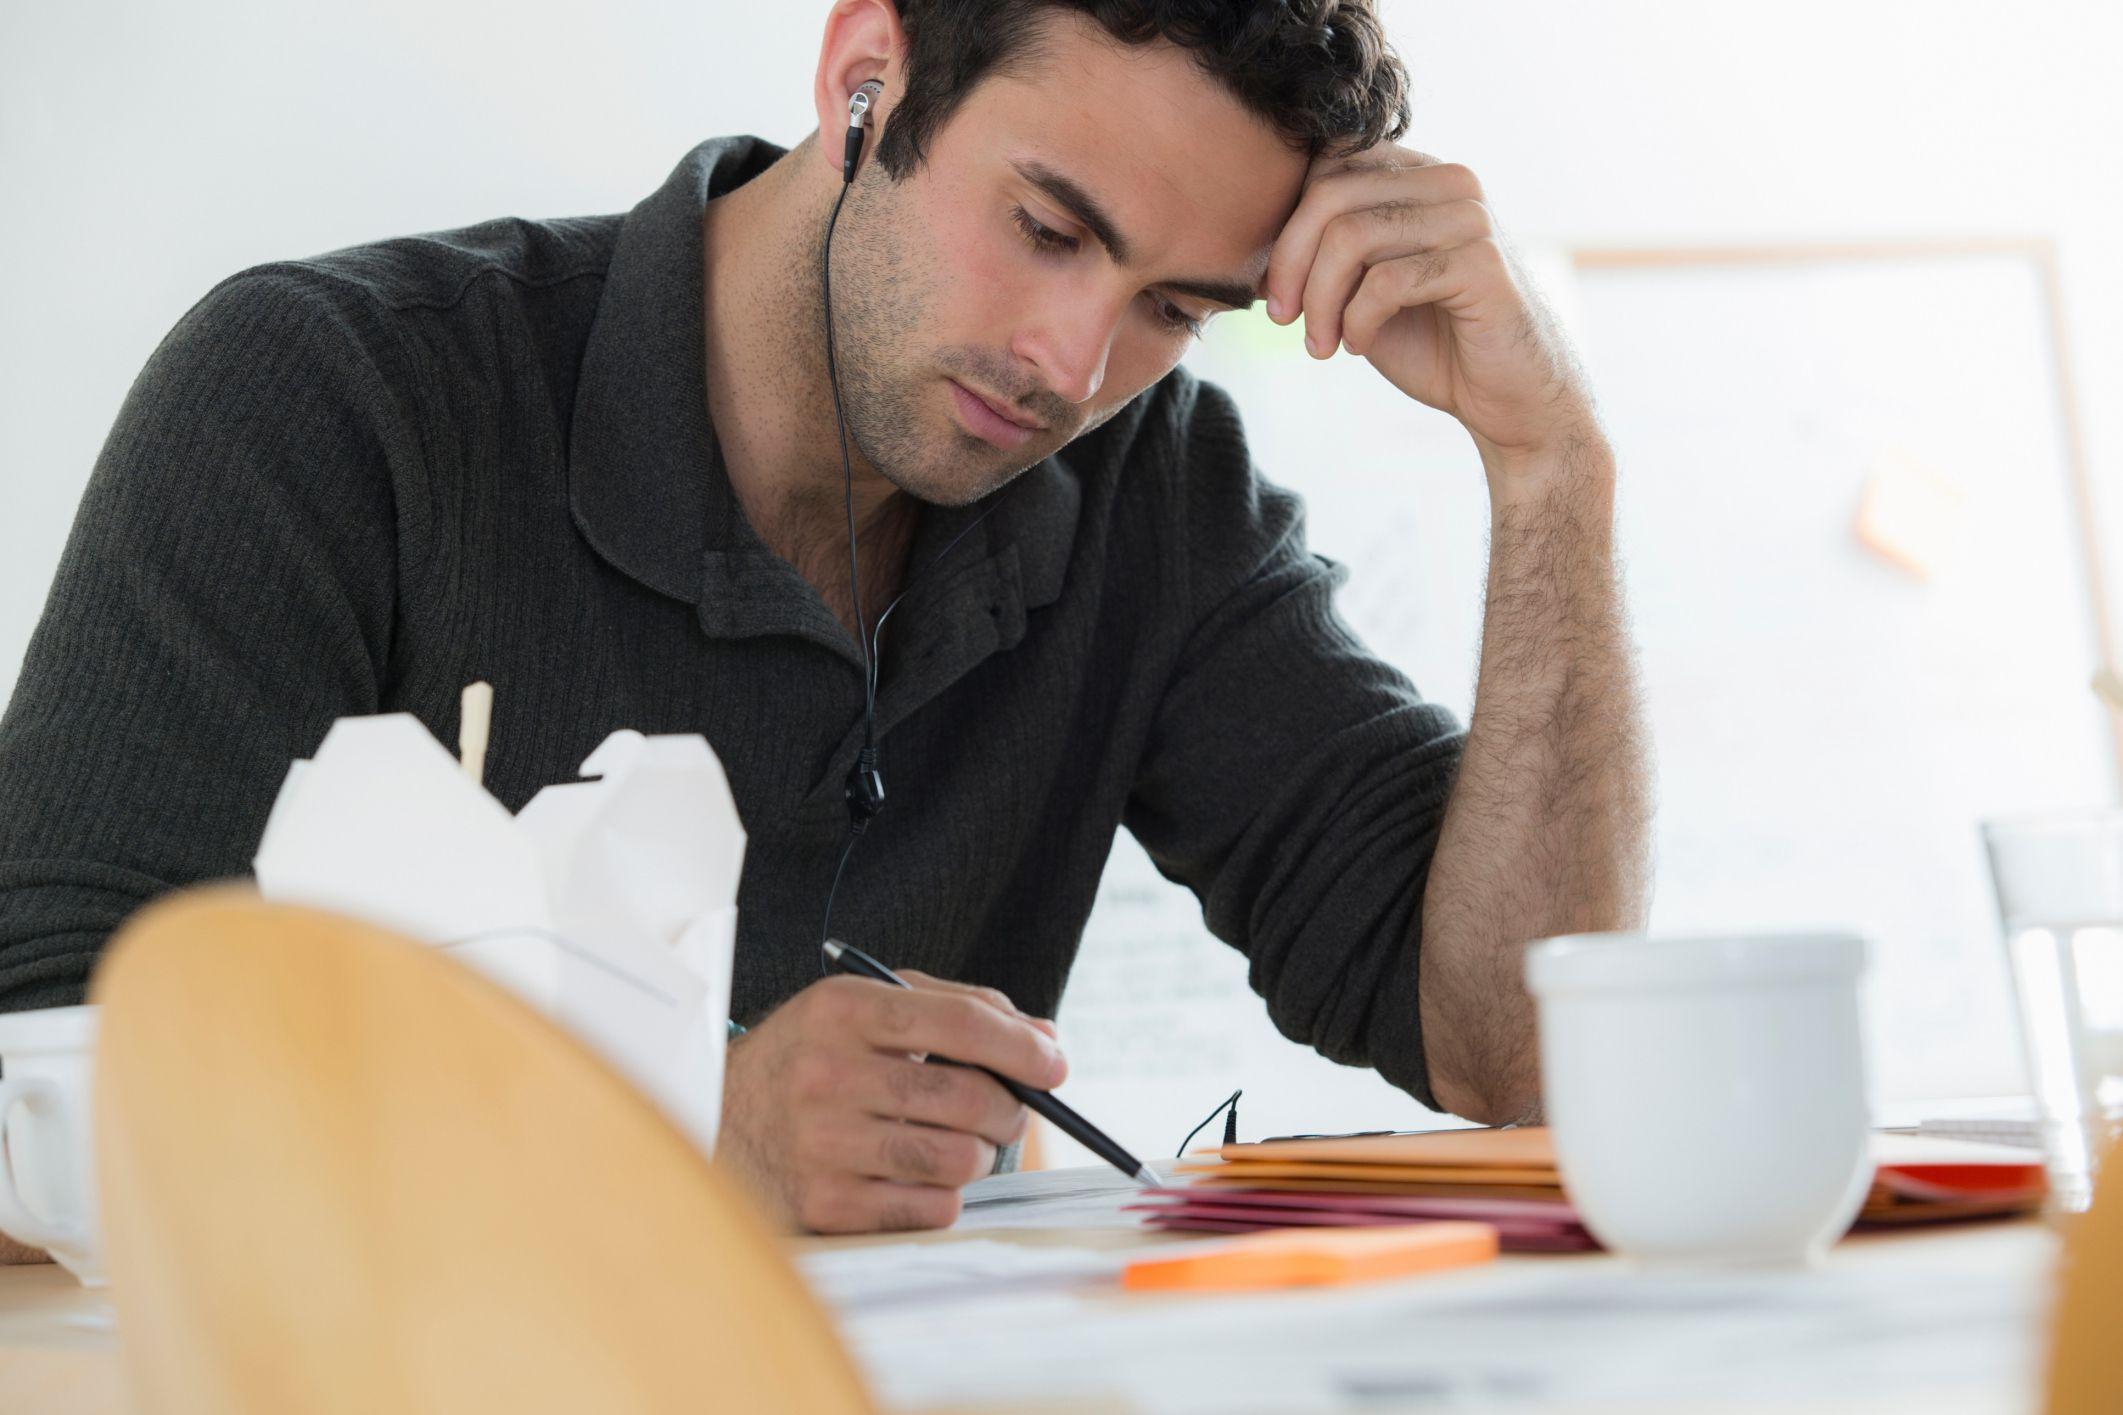 Study | Define Study at Dictionary.com